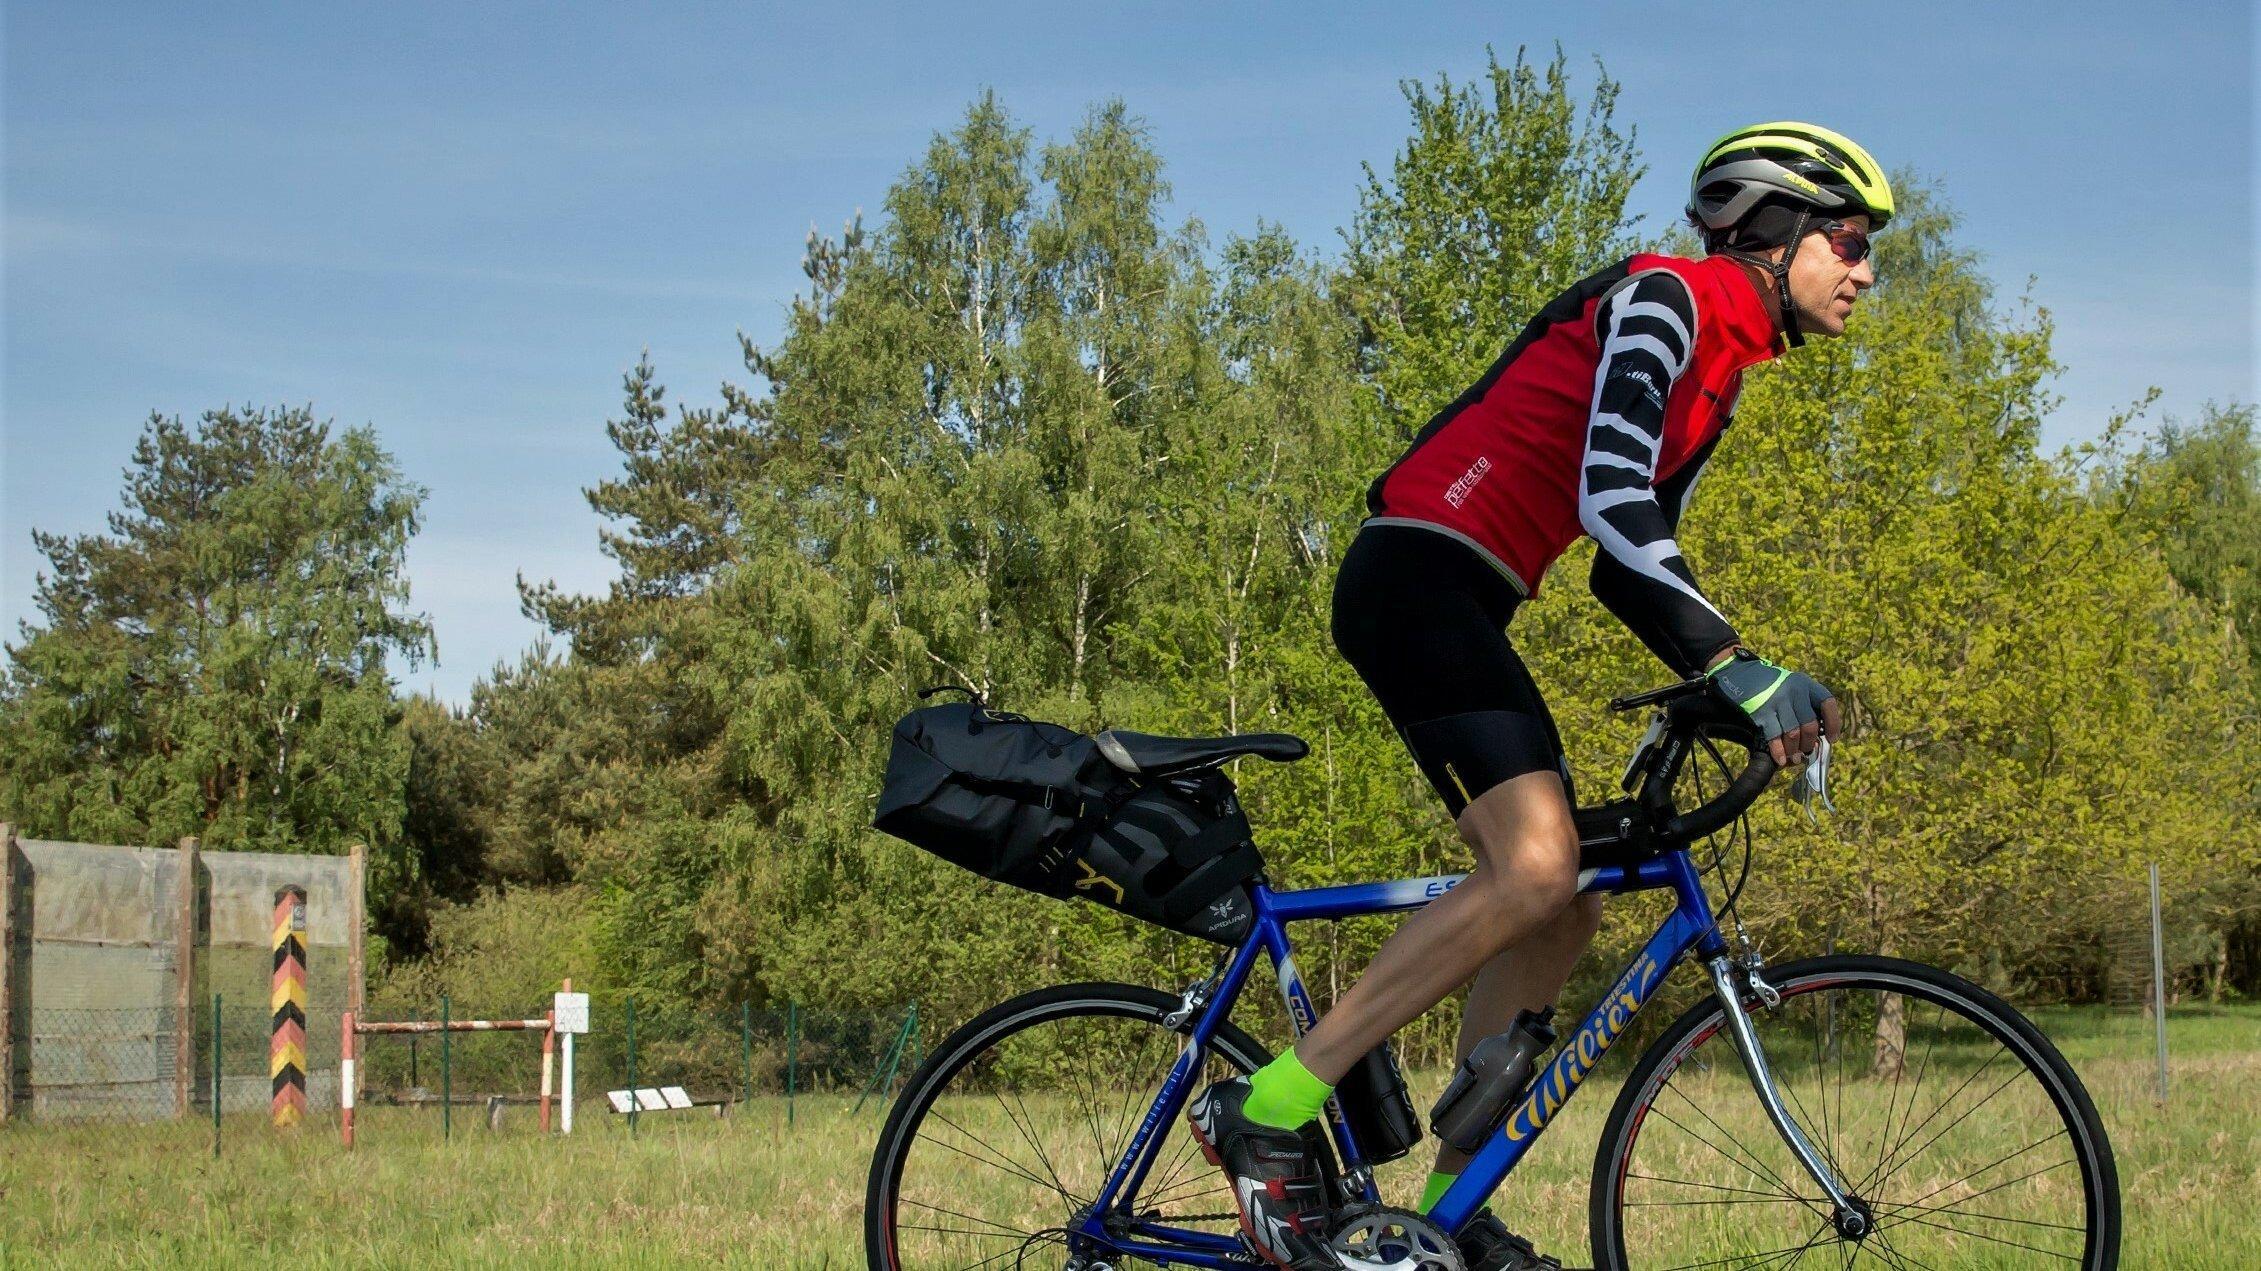 Martin C Roos in Radkluft auf seinem Rennrad, im Hintergrund ein ehemaliger DDR-Grenzpfahl und Teile eines Metallstreckzauns.